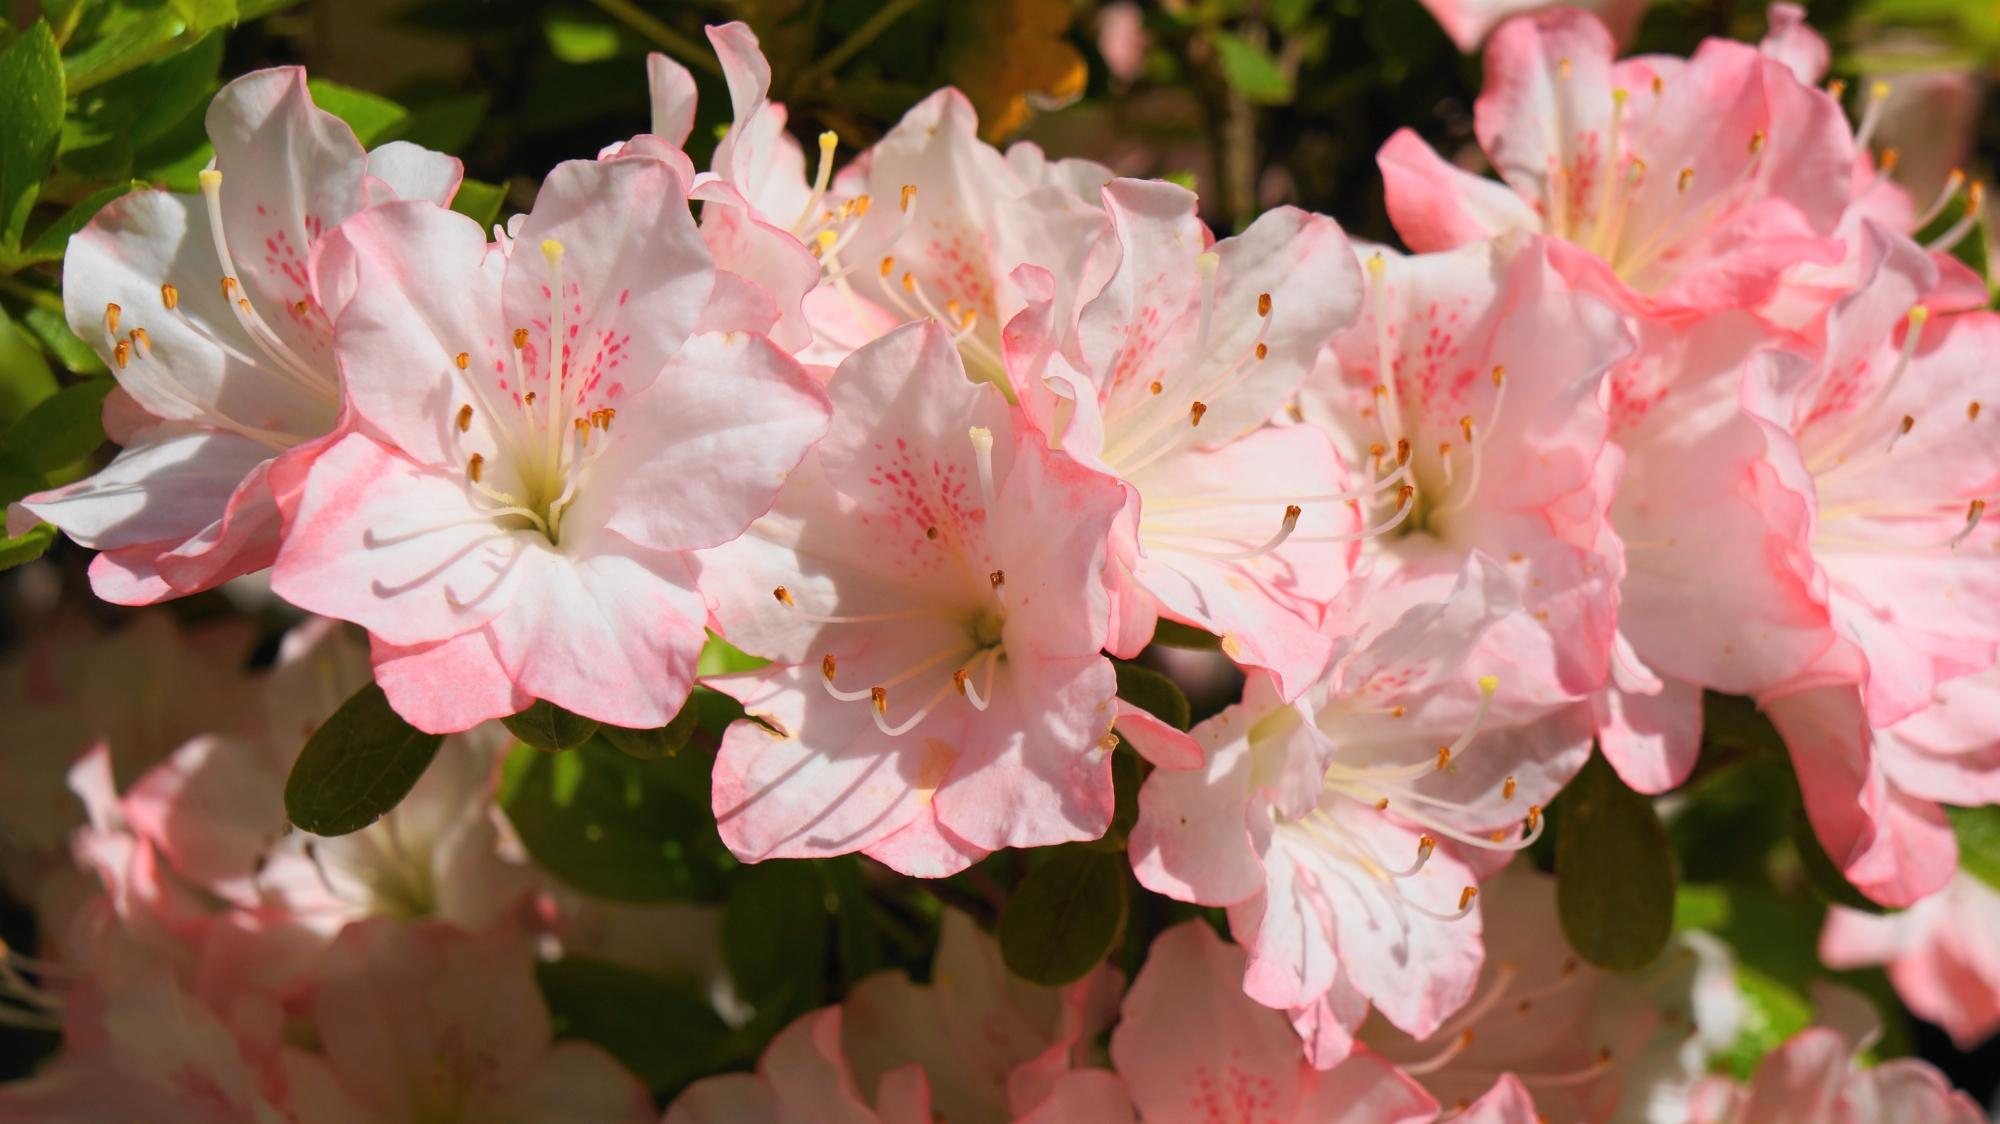 曼殊院門跡の春らしい薄いピンクのツツジの花